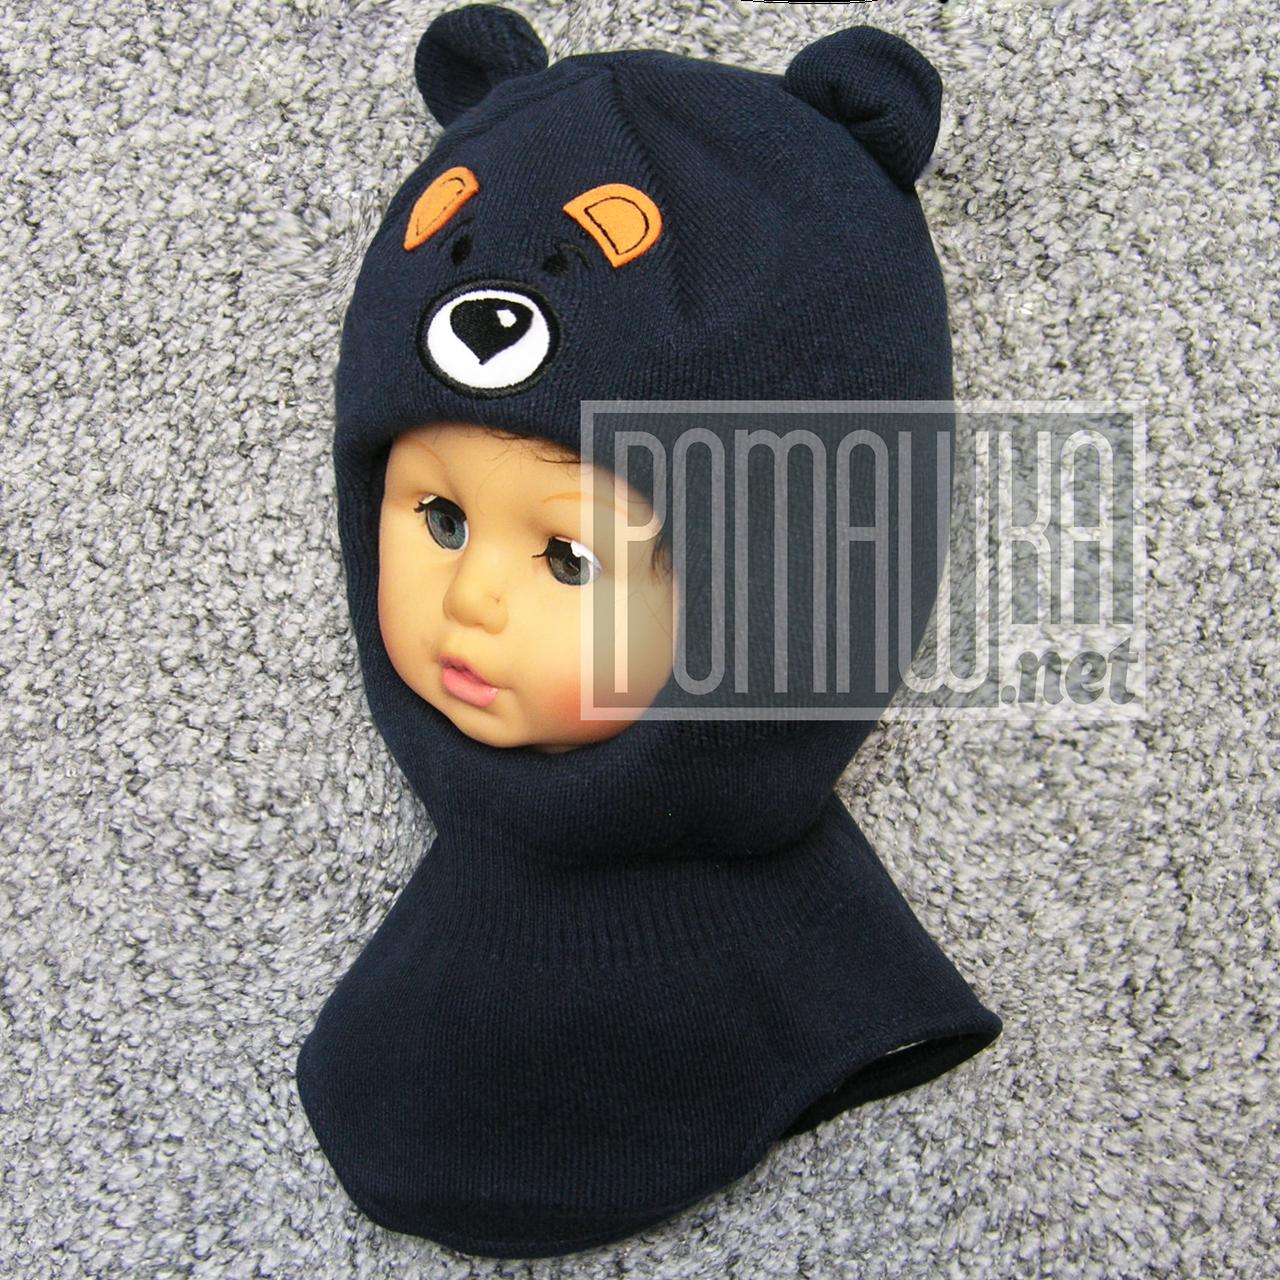 Зимова 48-50 1-4 роки дитяча термо шапка шлем балаклава капор для хлопчика зима на зиму 4973 Синій 48